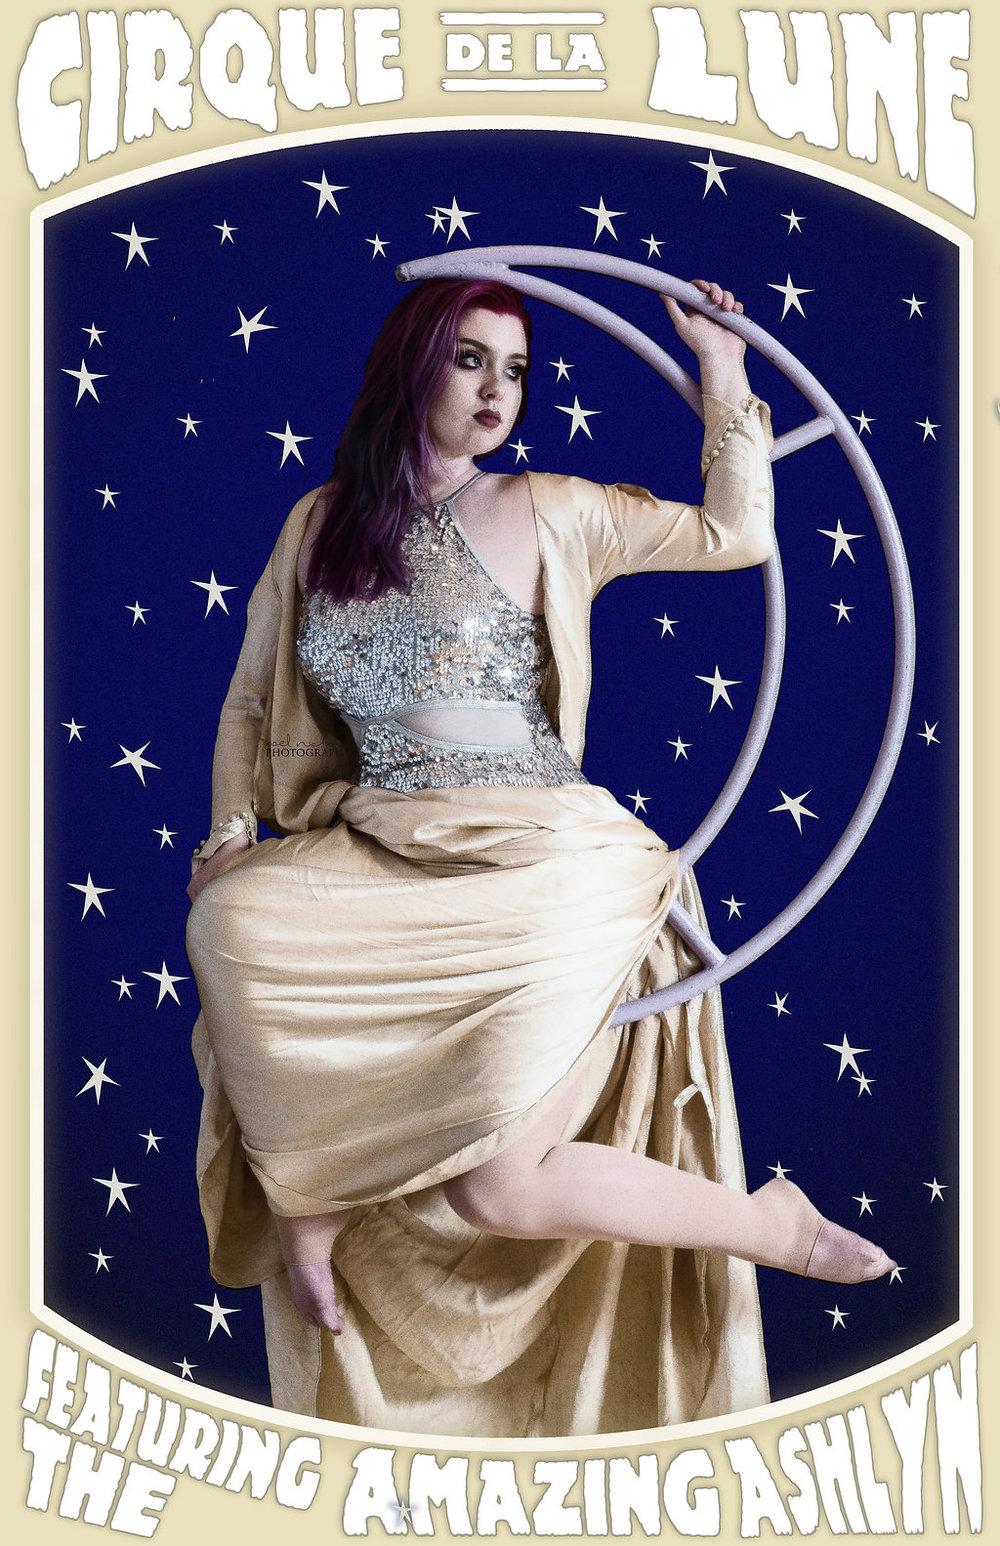 cirque-de-la-lune-01(1).jpg